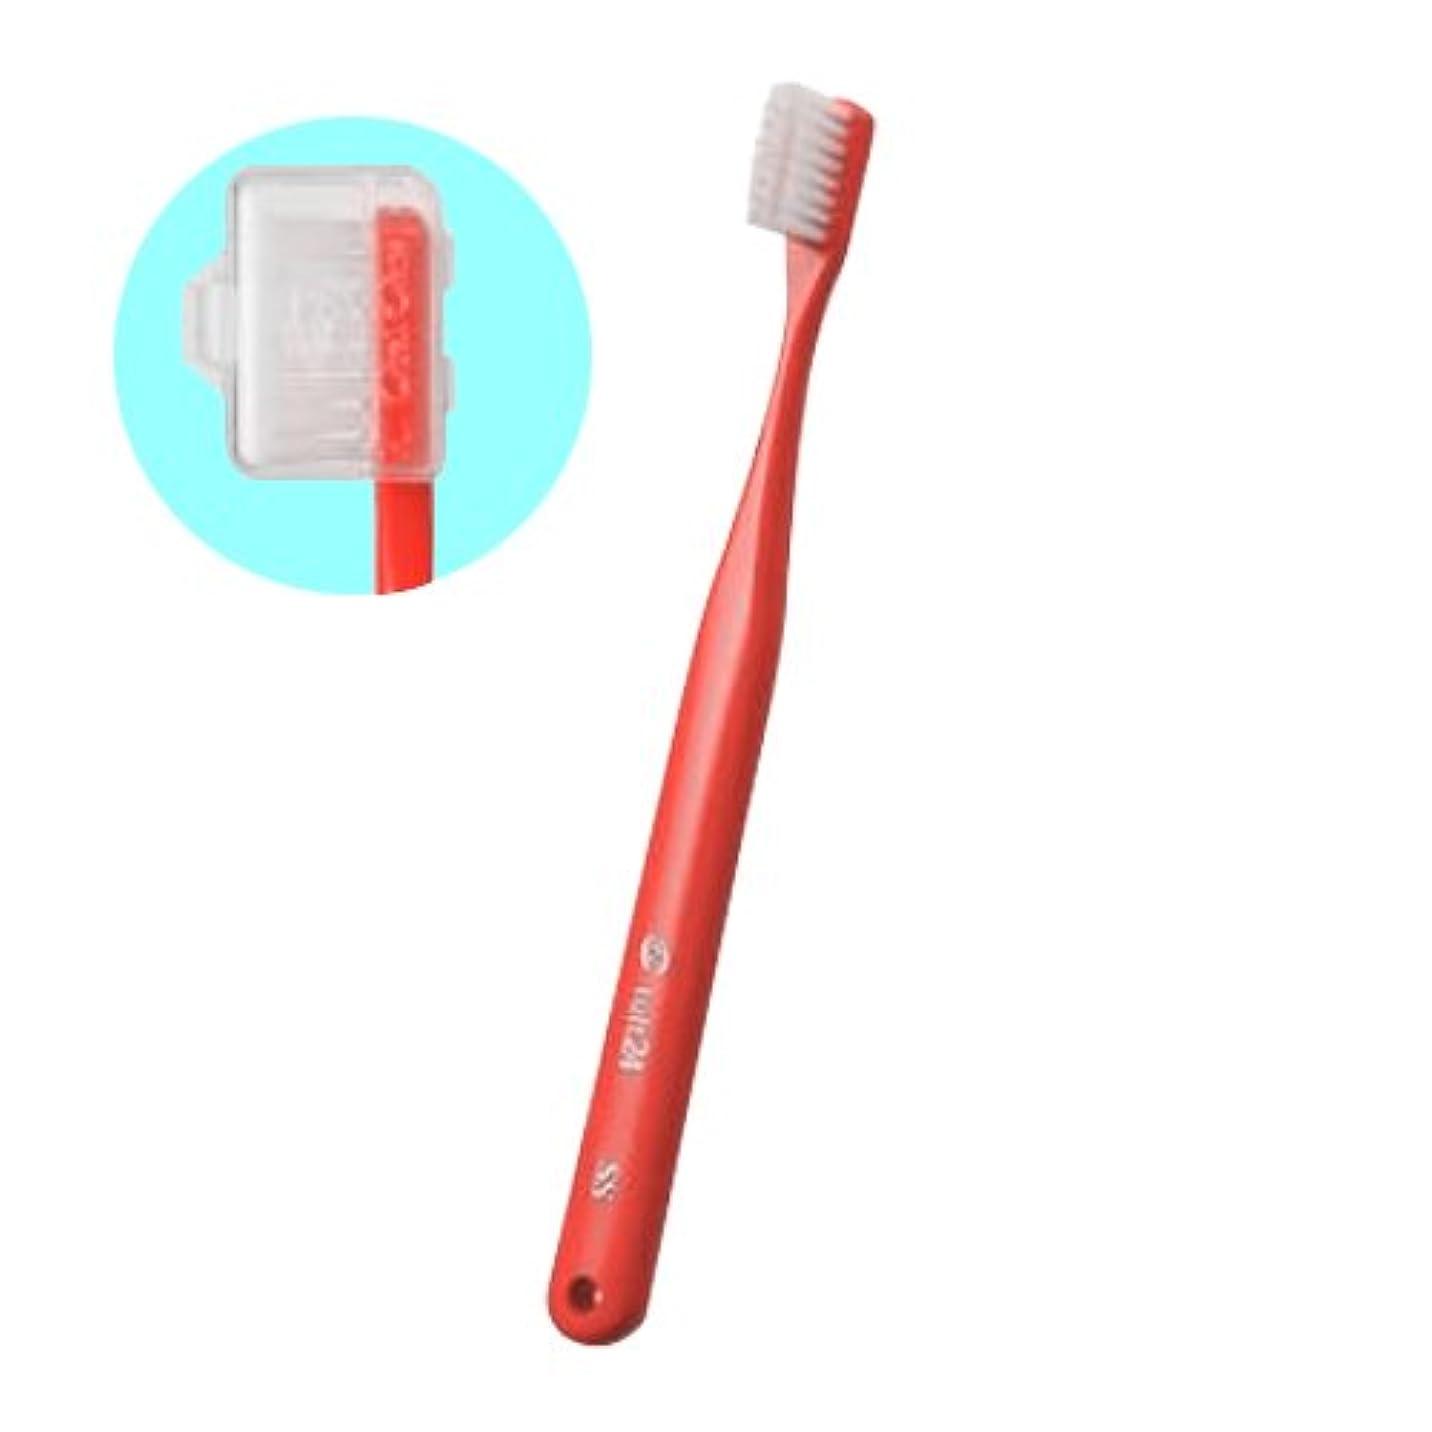 クーポン暖かさ直径オーラルケア キャップ付き タフト 24 歯ブラシ エクストラスーパーソフト 1本 (レッド)